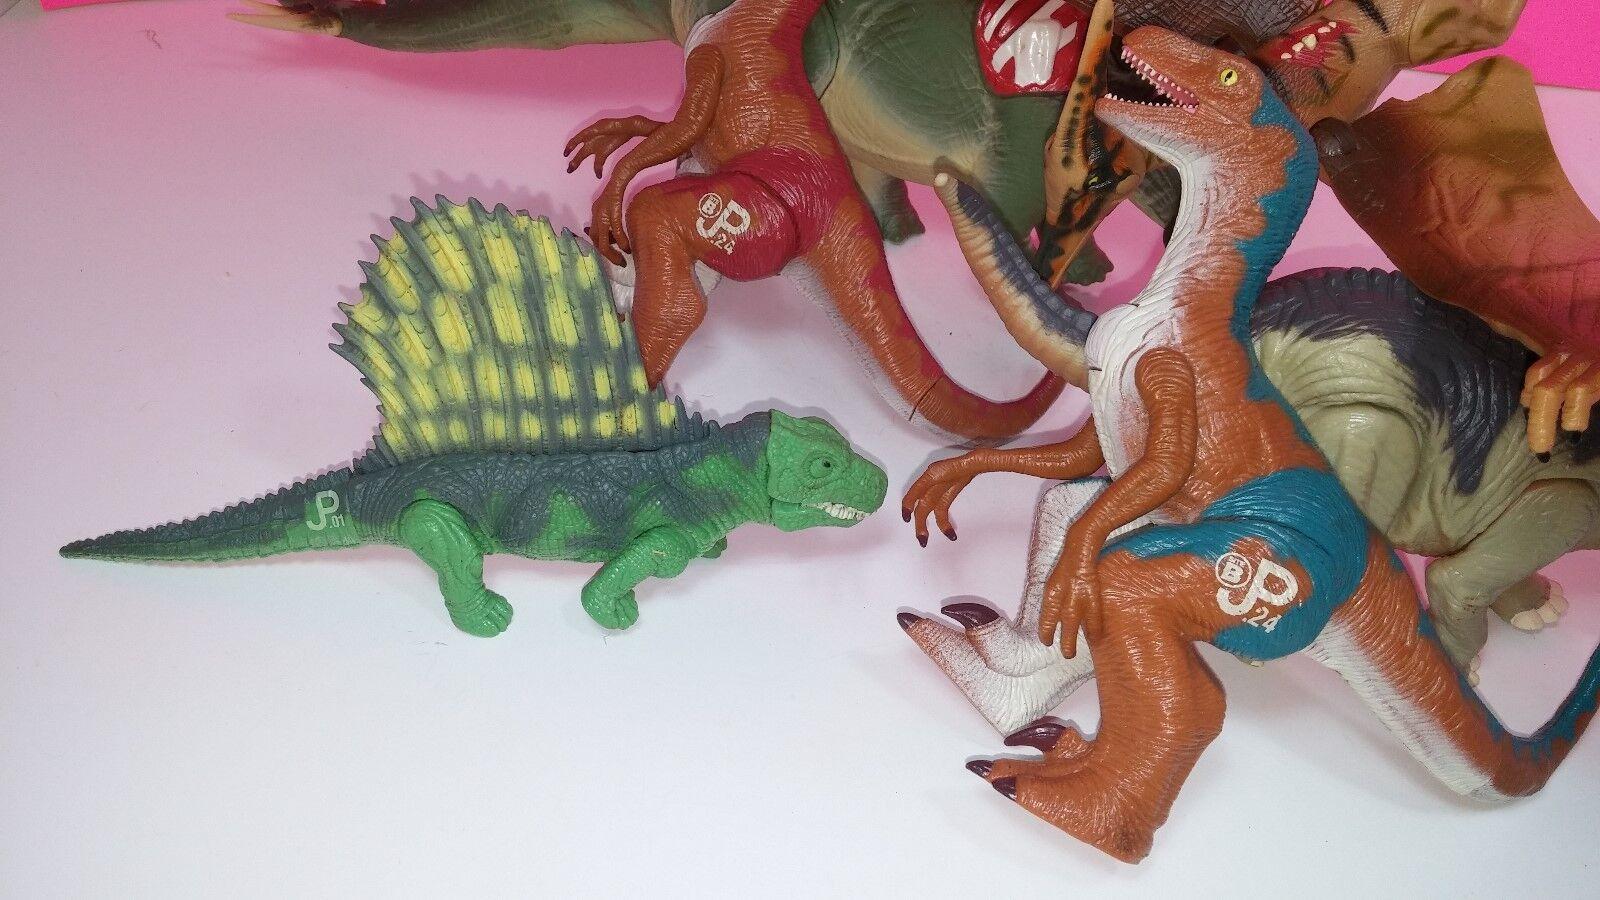 Kenner Jurassic Jurassic Jurassic Park Vintage Action Figure Lot Stegosaurus 8fe99a